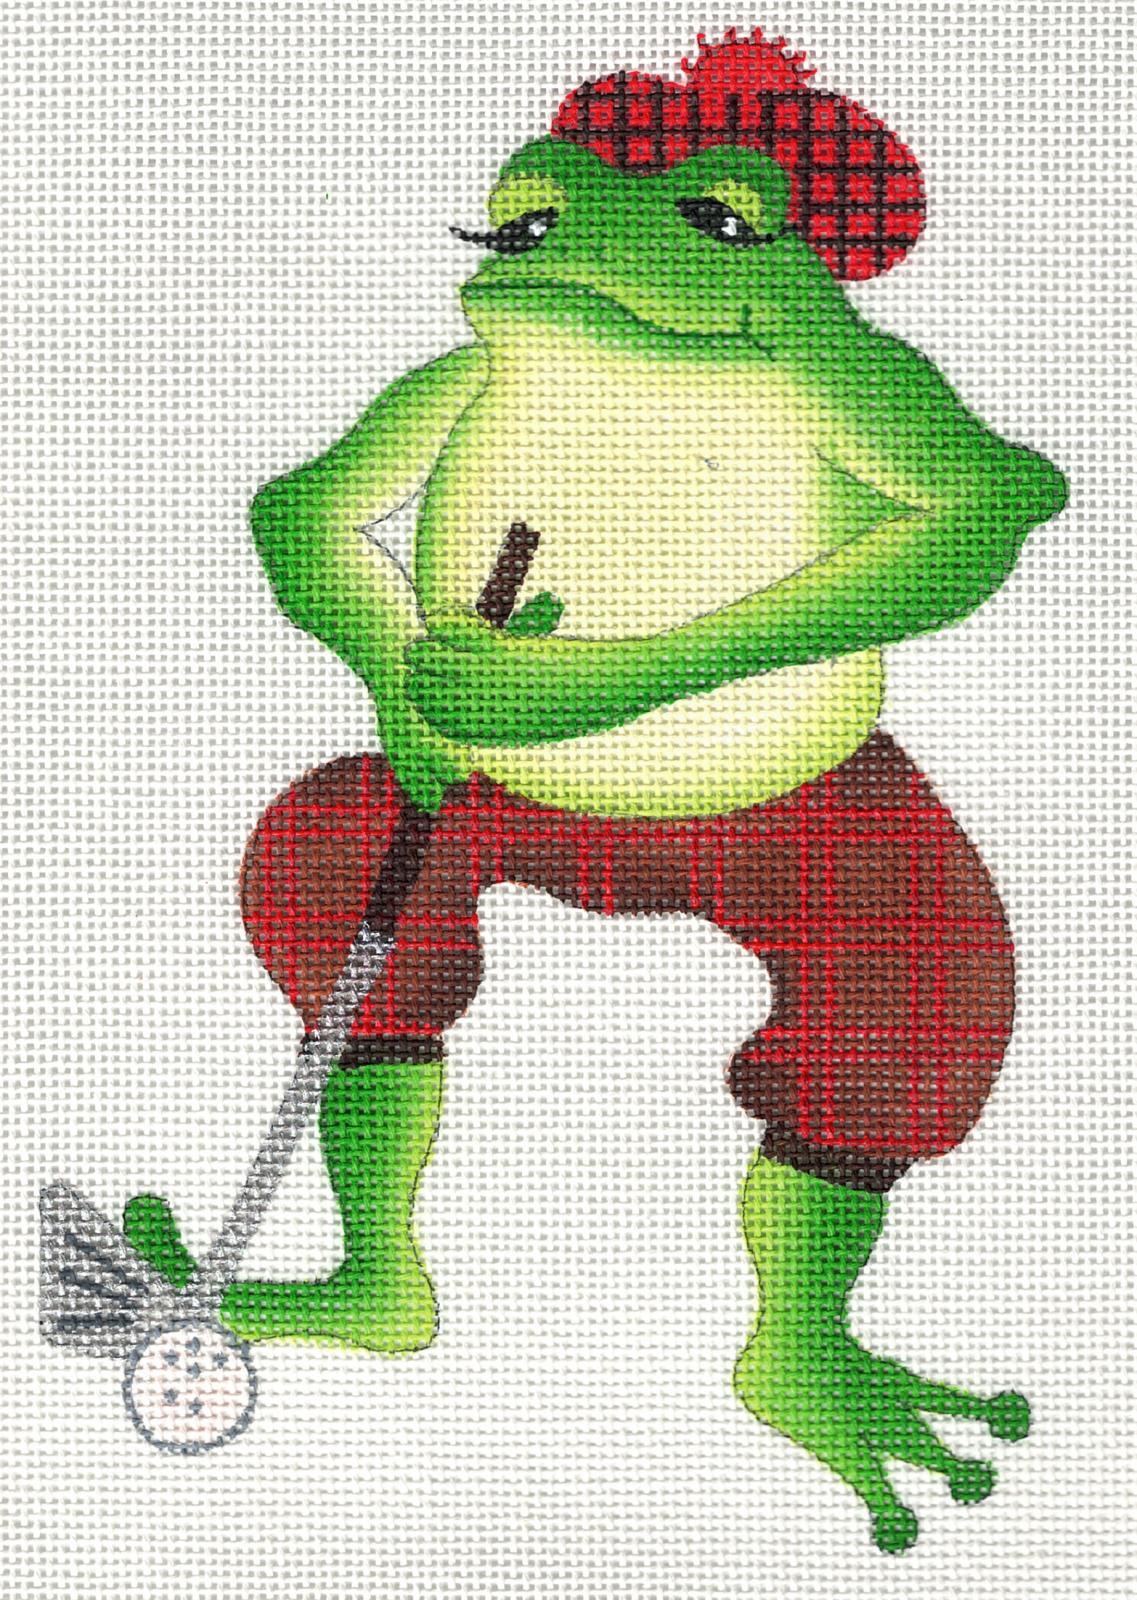 Golfing Frog - 18M